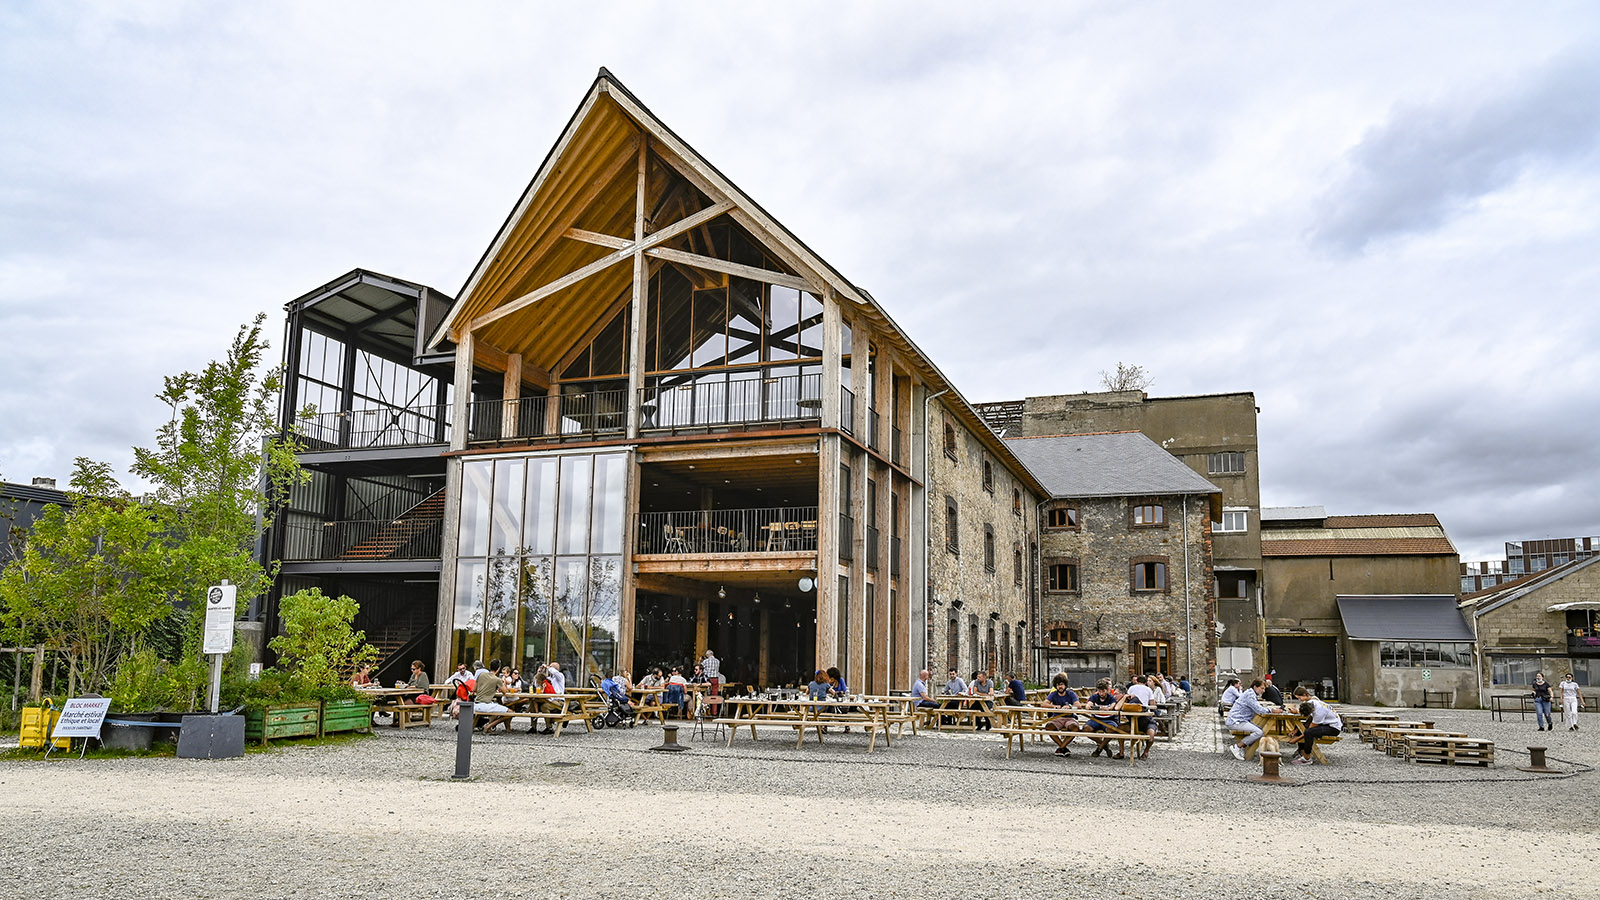 Le Voyage à Nantes: Blick auf die Little Antique Brewery vom Loire-Anleger. Foto: Hilke Maunder